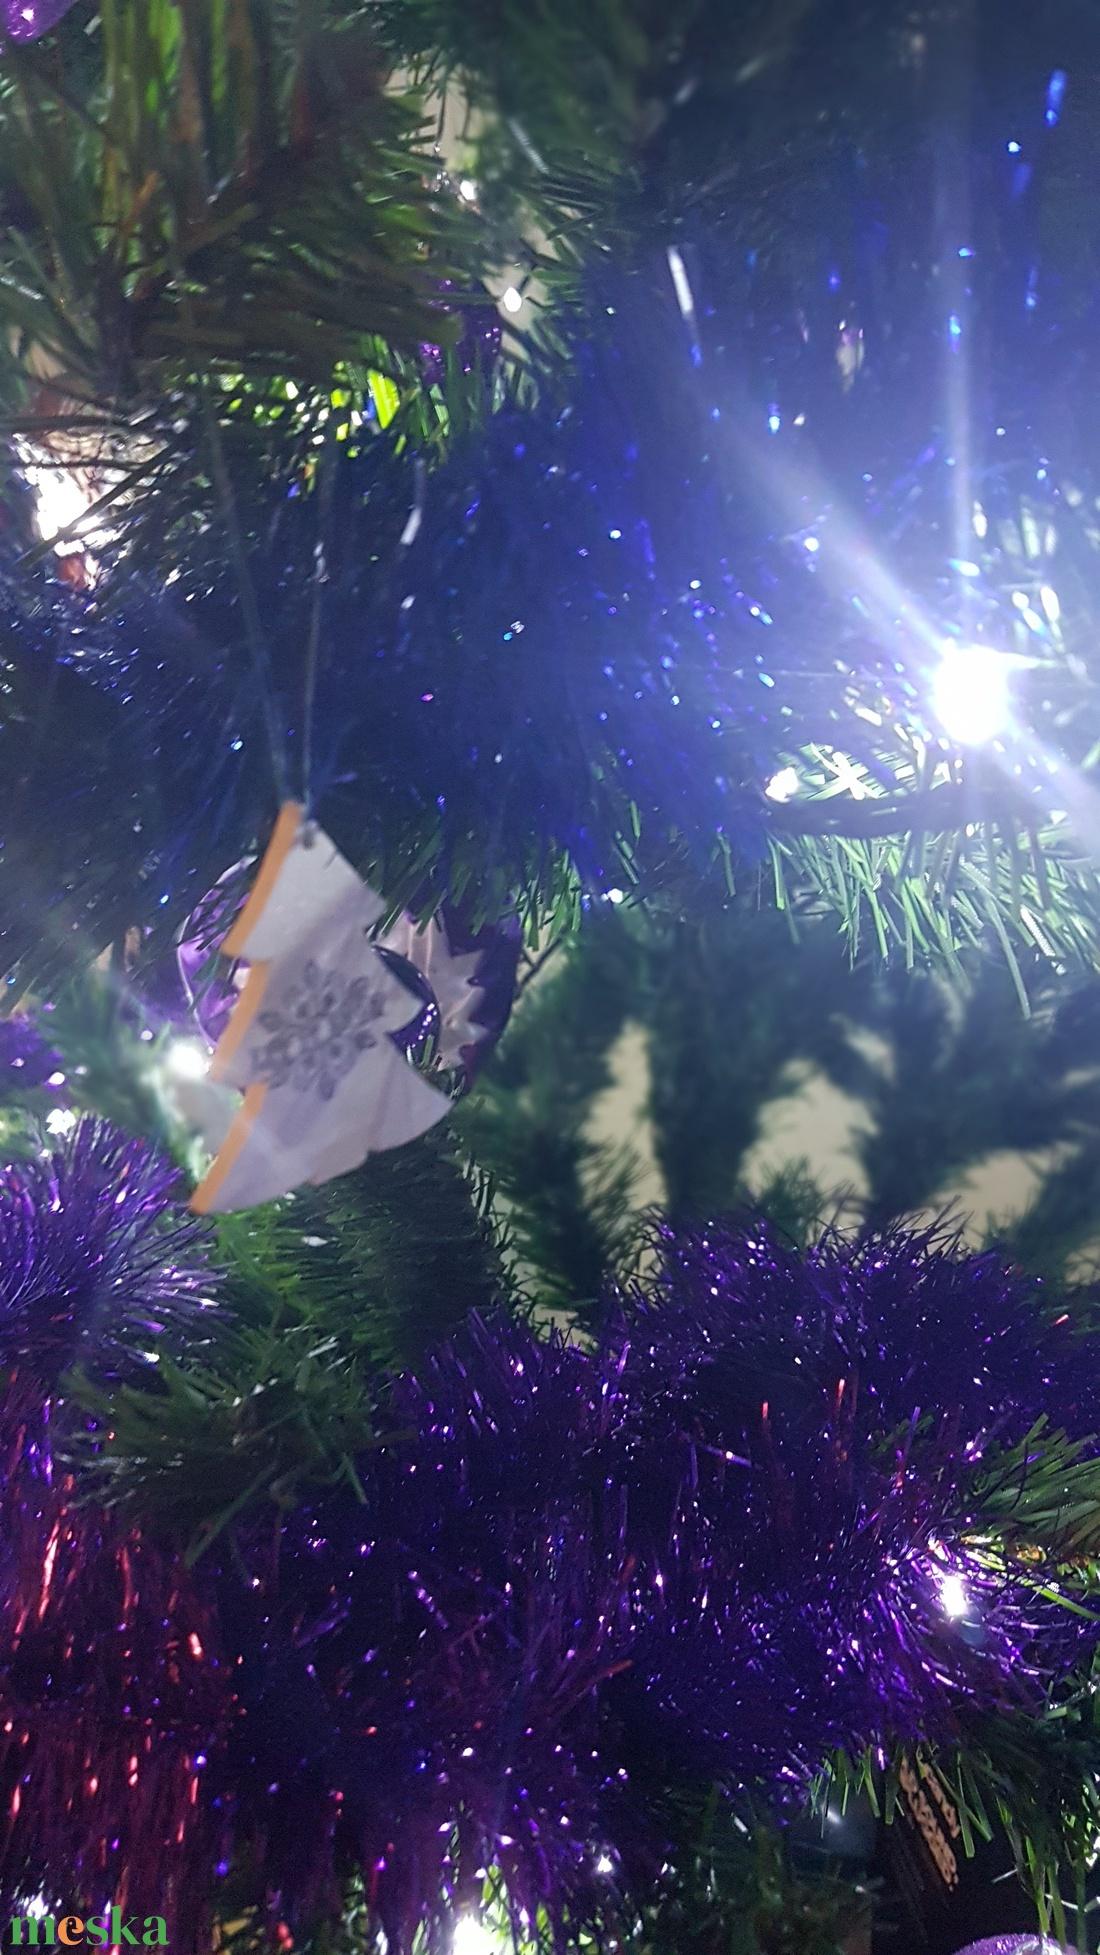 Karácsonyfadísz, fenyő 3. - karácsony - karácsonyi lakásdekoráció - karácsonyfadíszek - Meska.hu